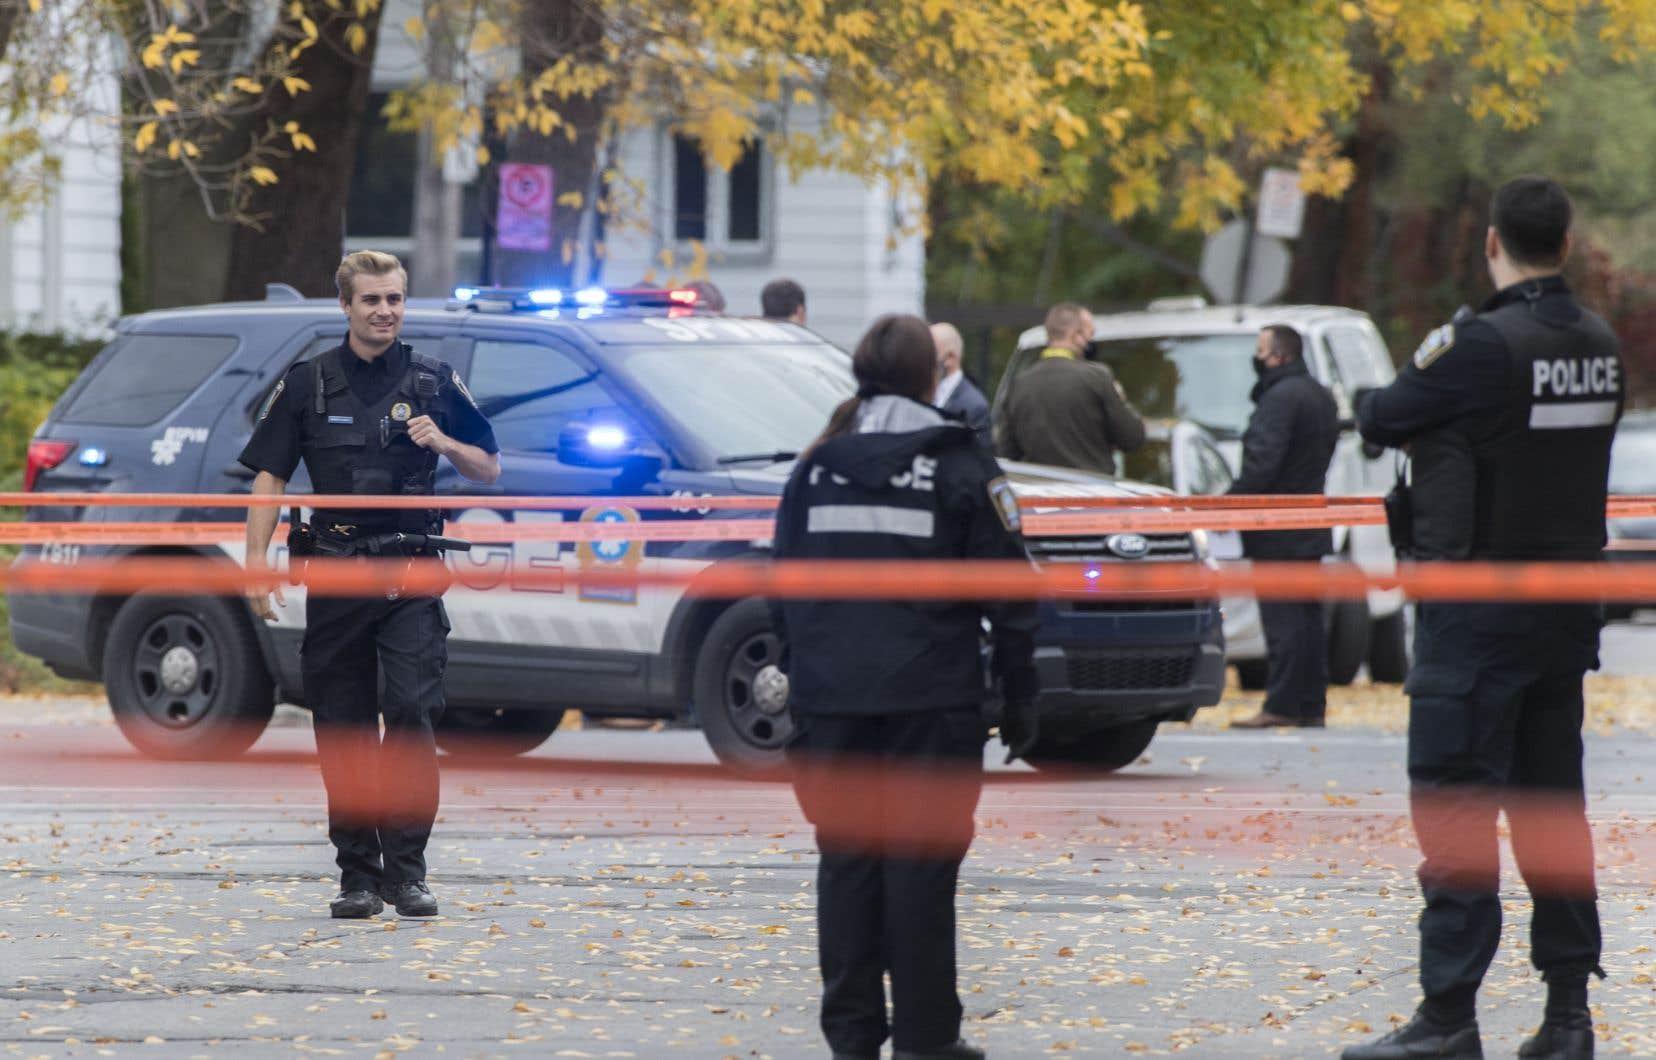 Le suspect a tiré sur les policiers du Service de police de la Ville de Montréal (SPVM) qui ont répliqué, ce qui explique les enquêtes du BEI et de la SQ sur ces évènements.